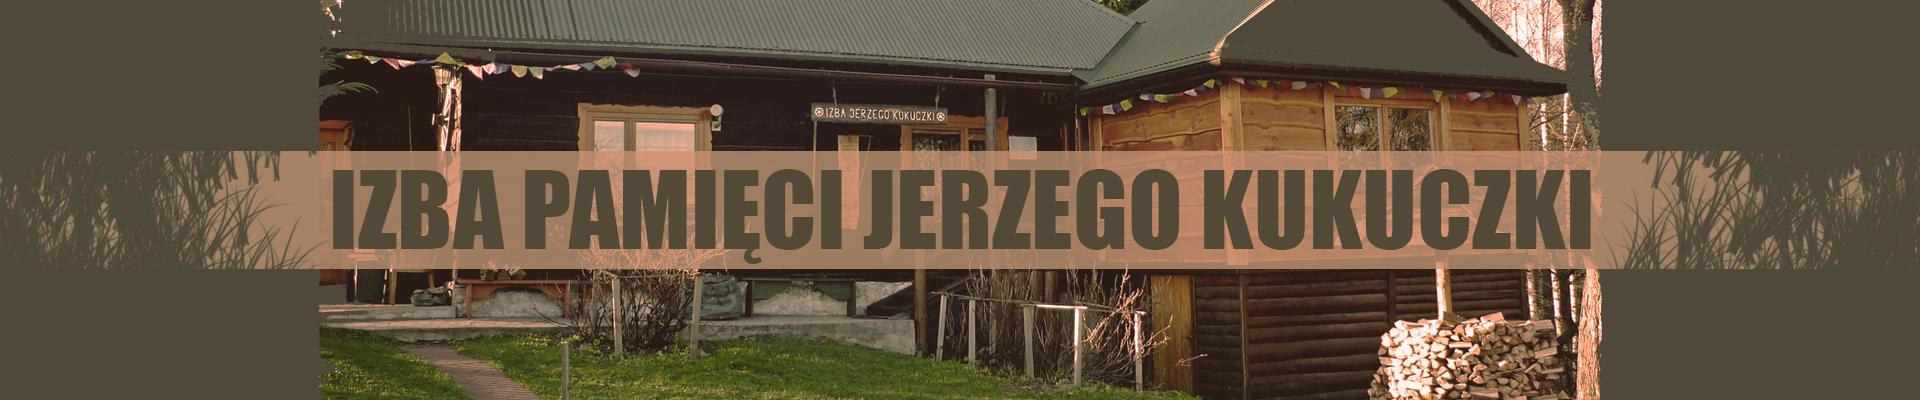 Zapraszamy do zwiedzania Izby Pamięci Jerzego Kukuczki!